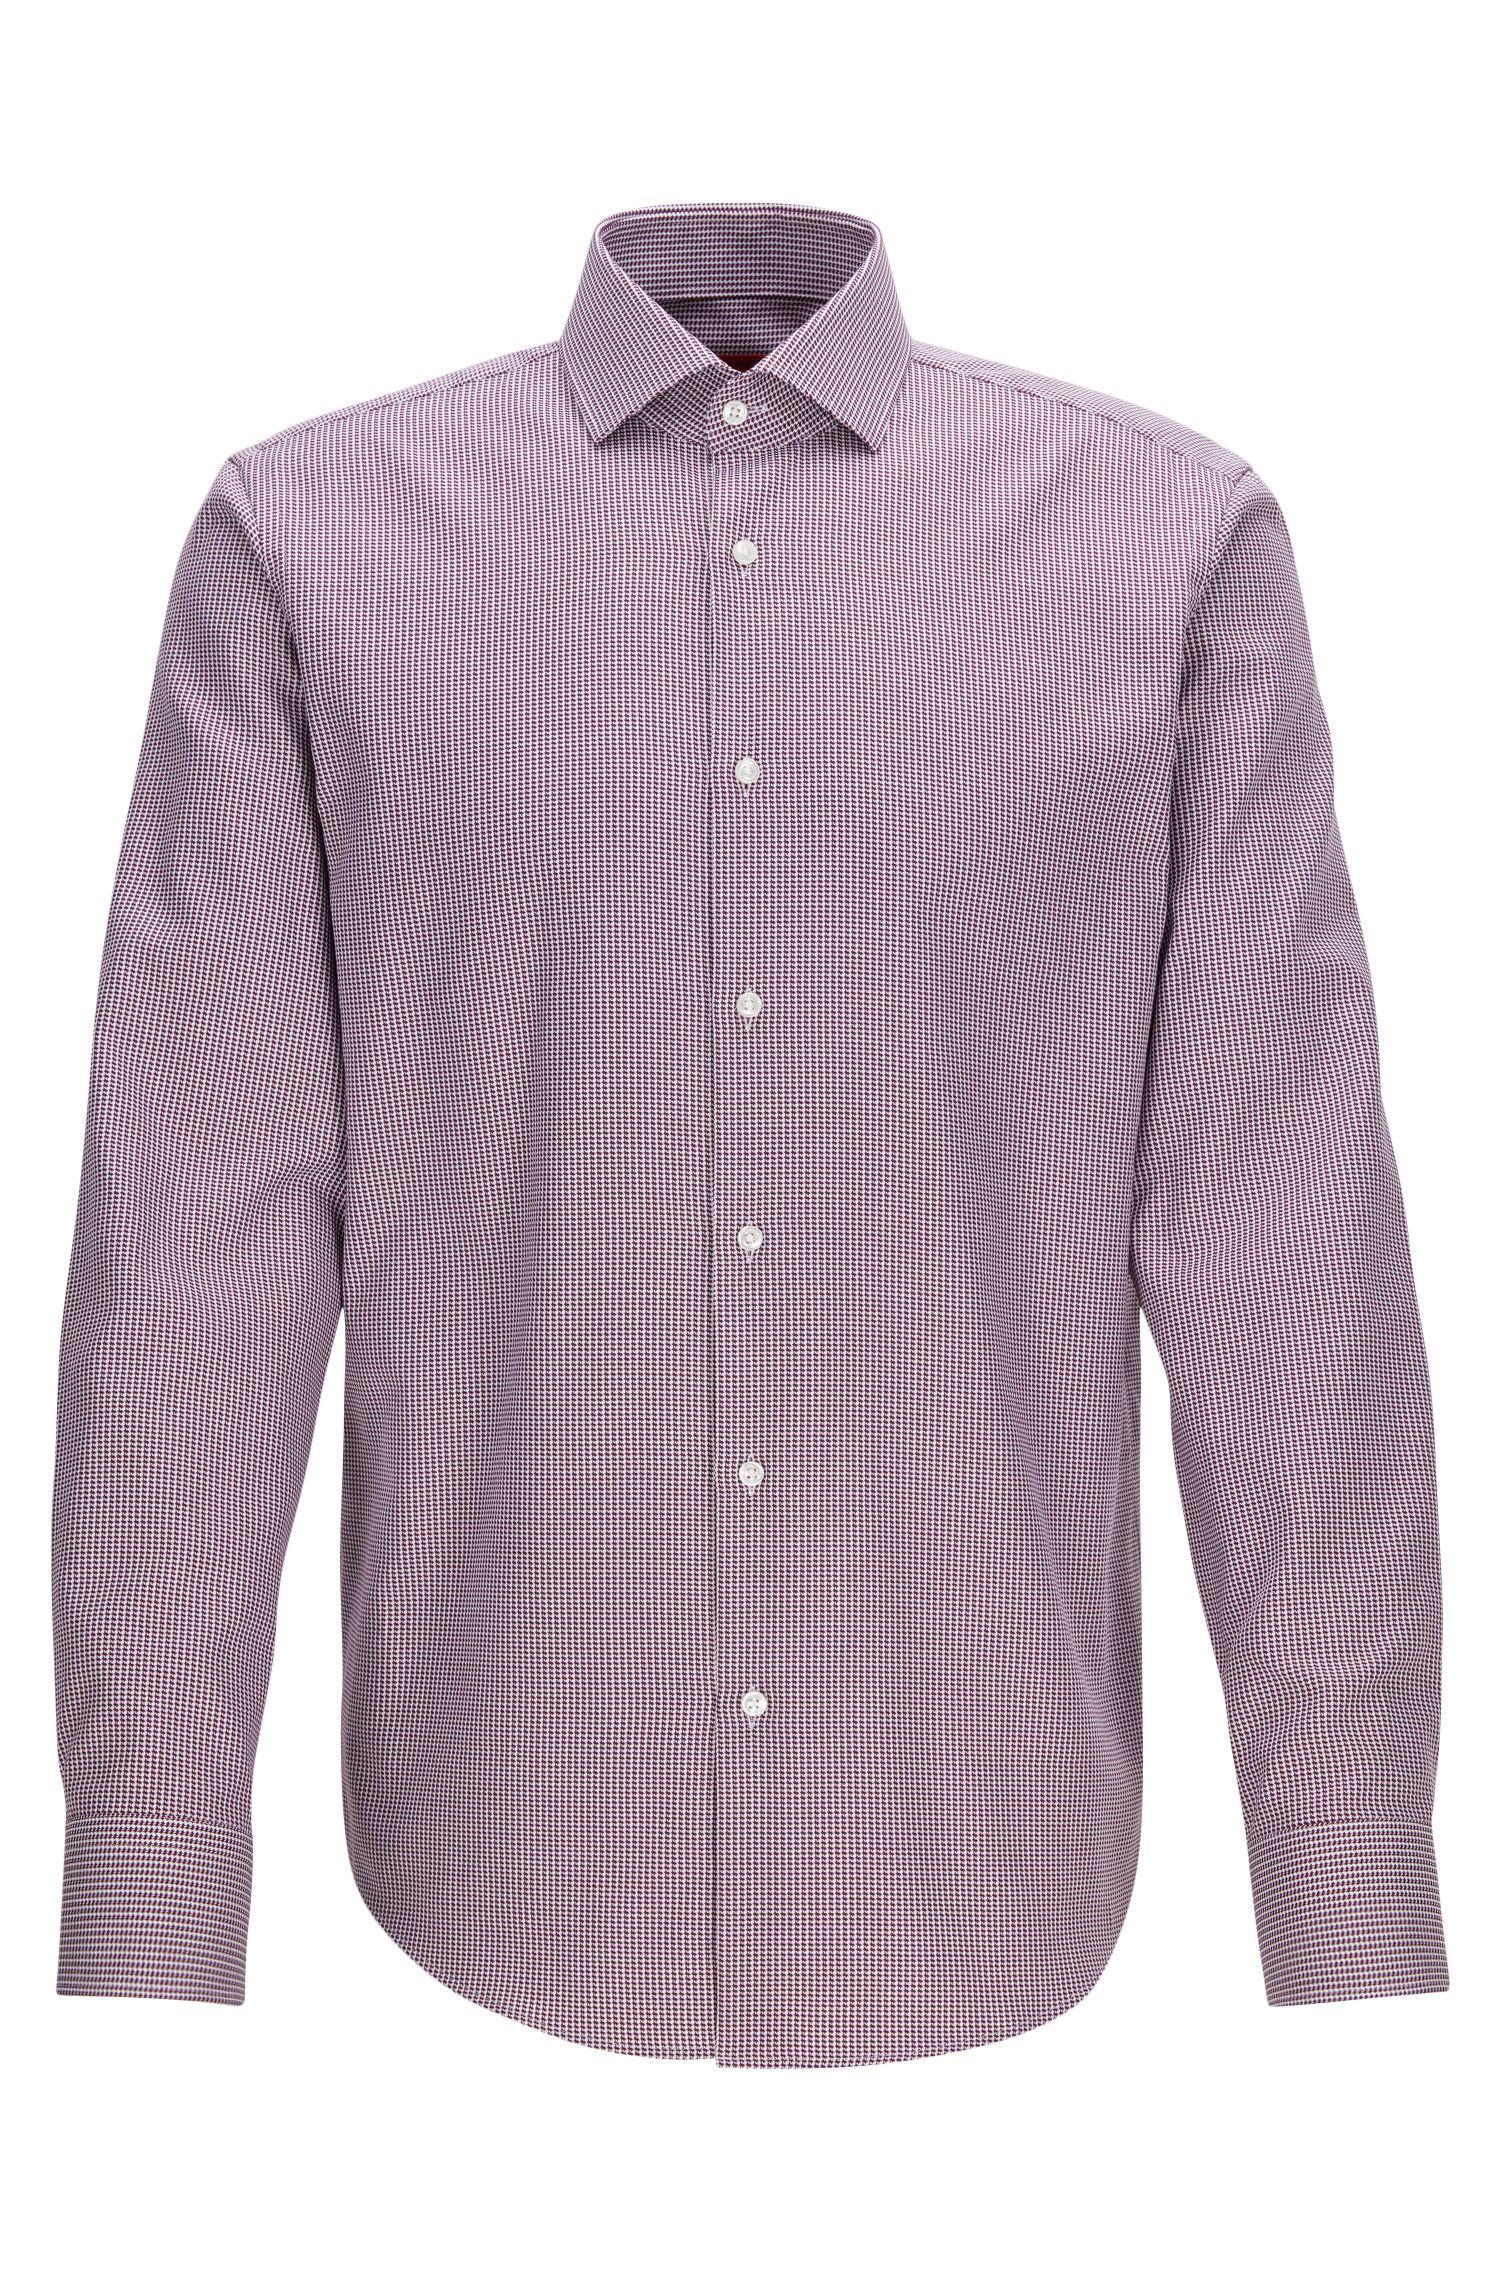 Camisa regular fit en algodón de dos capas con cuadros estilo pata de gallo